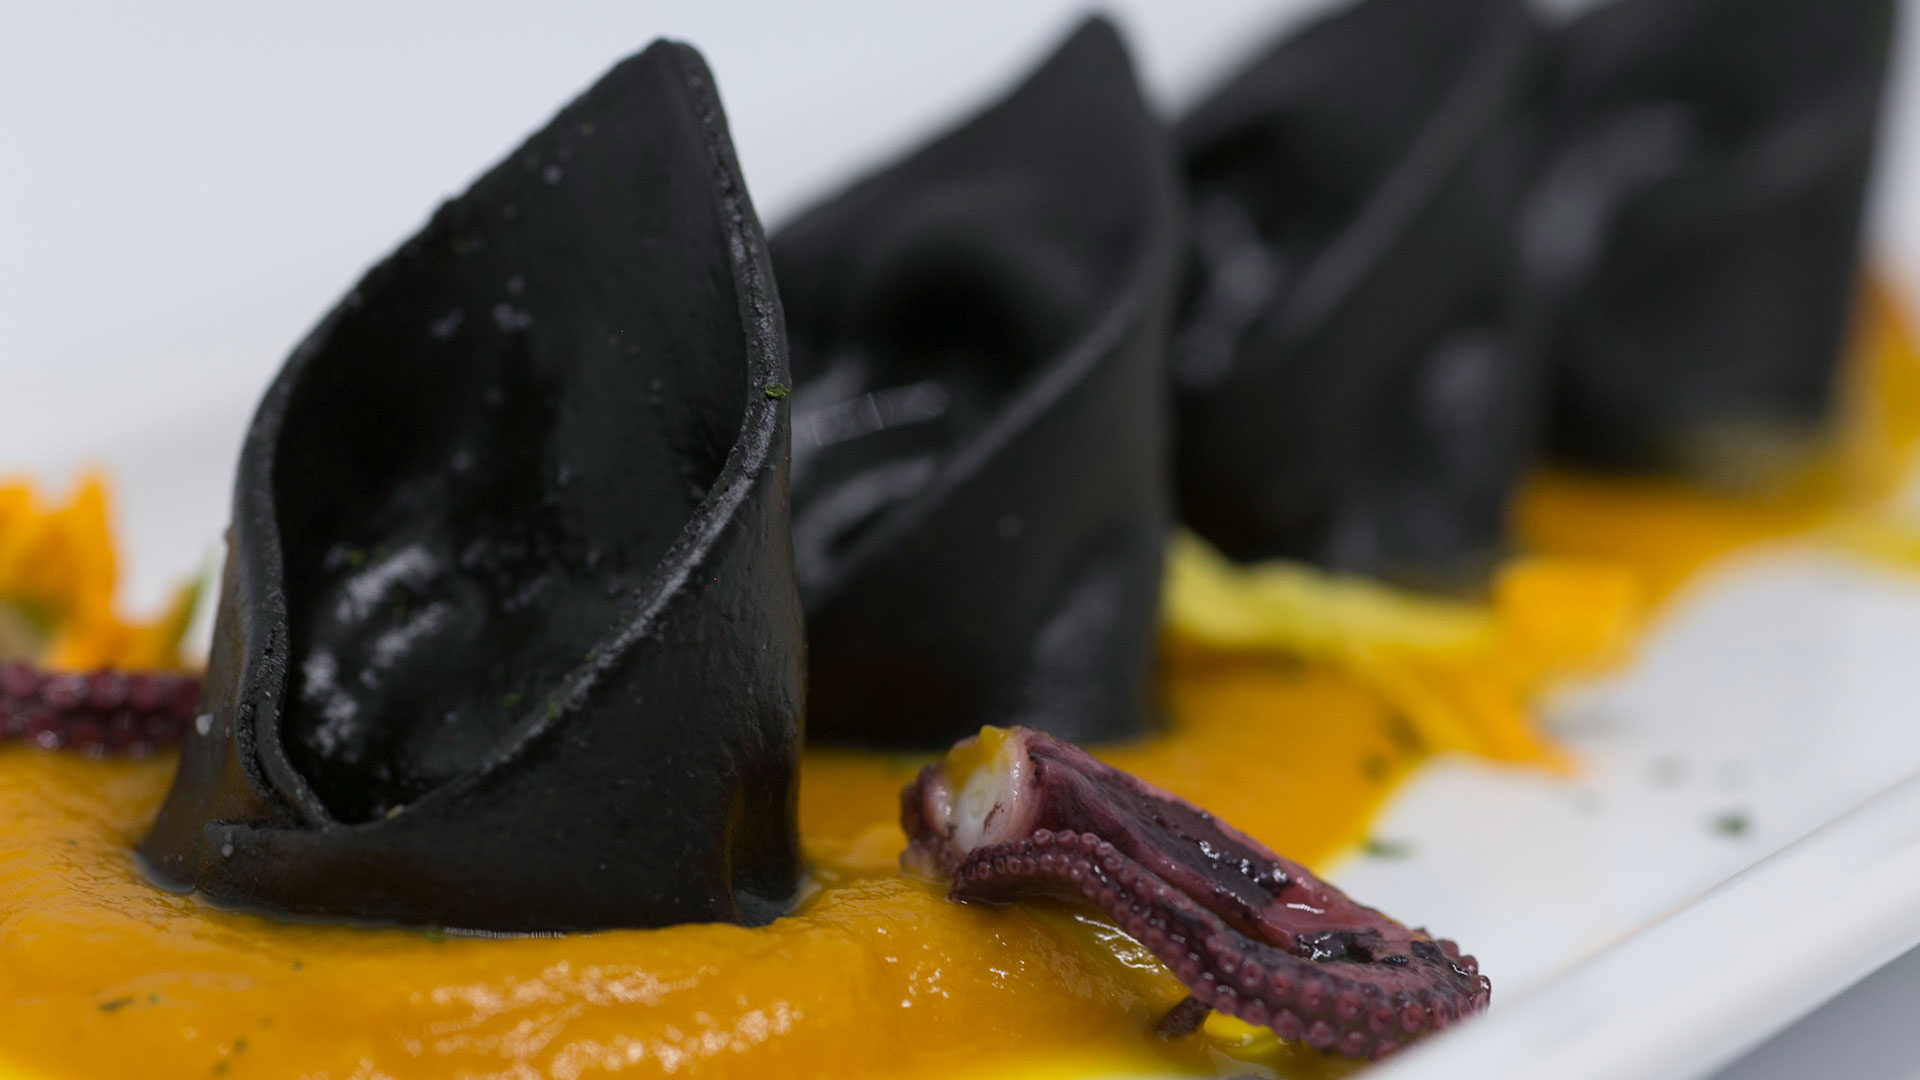 cappellaccio_catering-san-giovanni